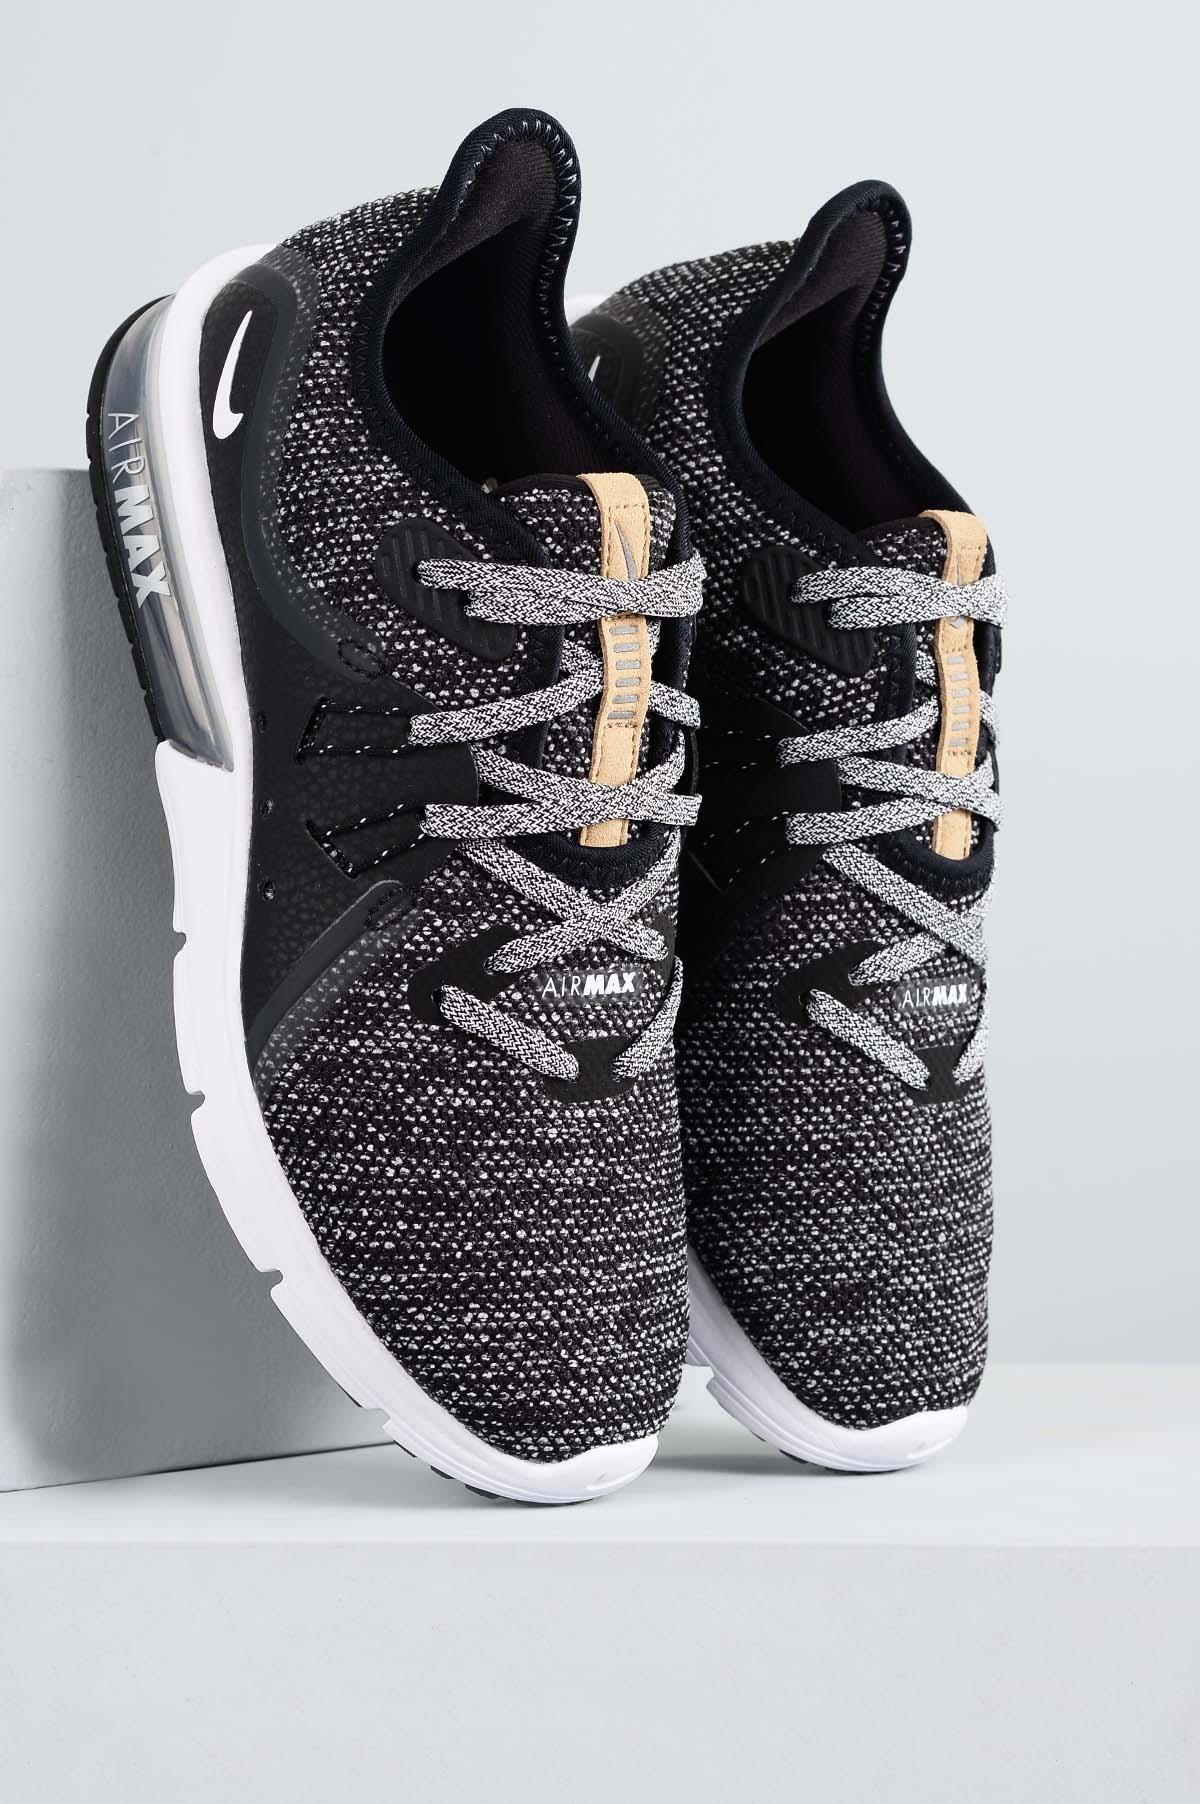 67dad9017e Tênis Feminino Nike Air Max Sequent 3 TEC - PRETO - Mundial Calçados